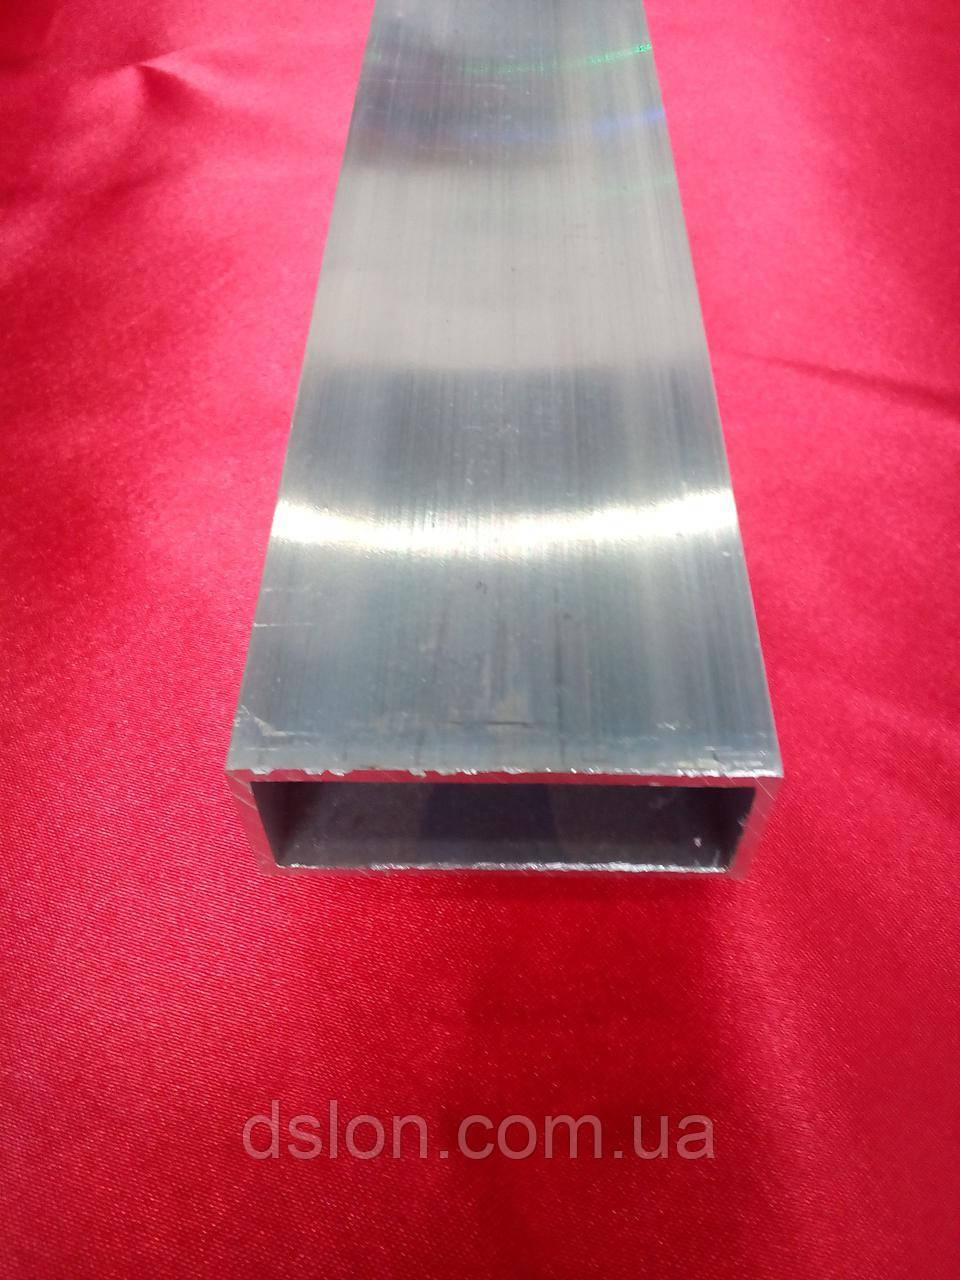 Труба прямоугольная 50*30*2 мм.